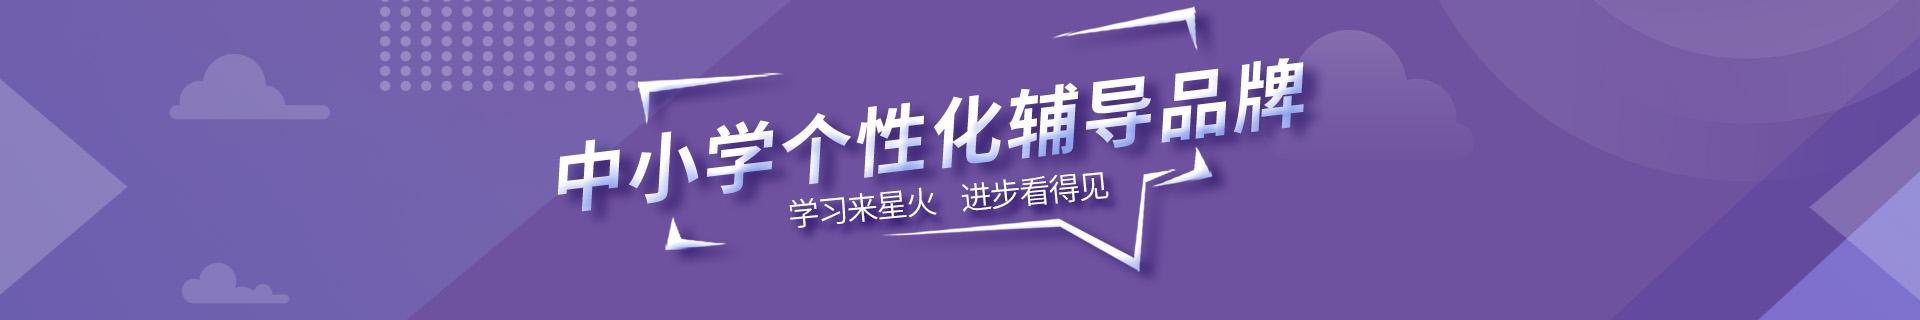 上海普陀星火教育宝山大华校区